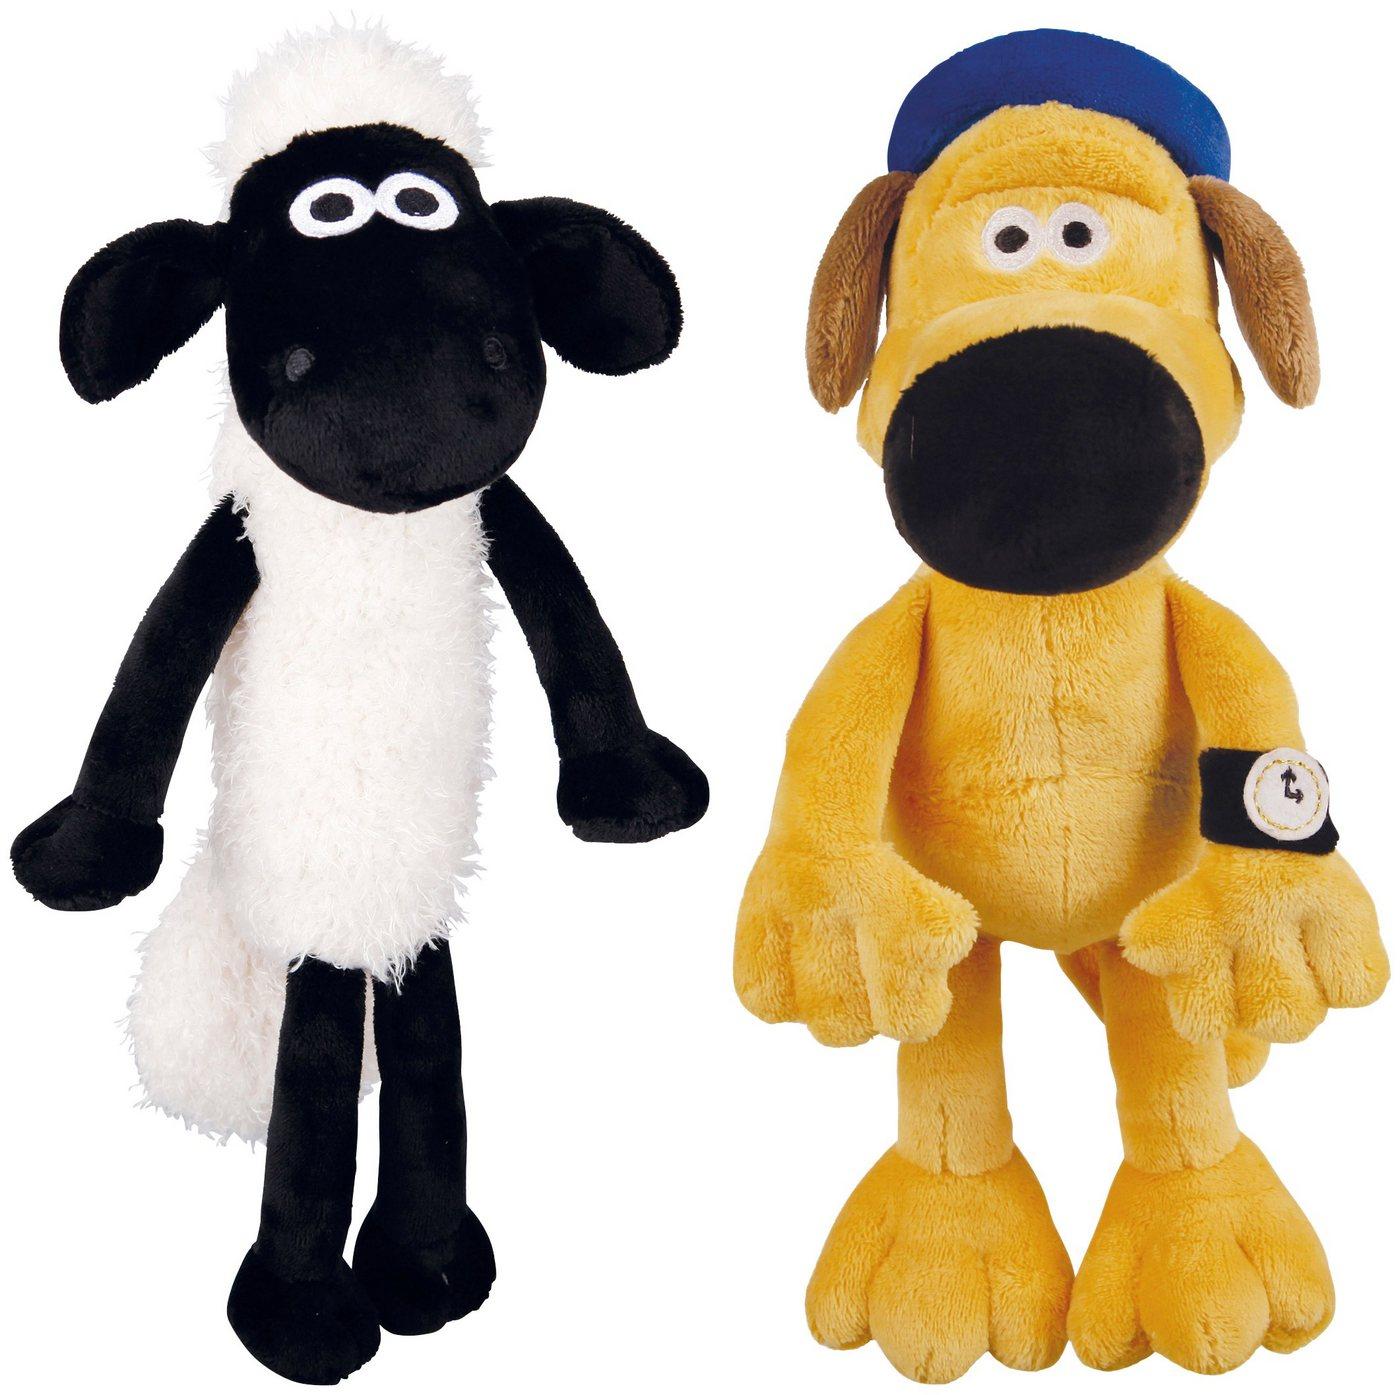 TRIXIE Hunde-Spielzeug-Set »Shaun das Schaf«, 2-tlg. - Preisvergleich